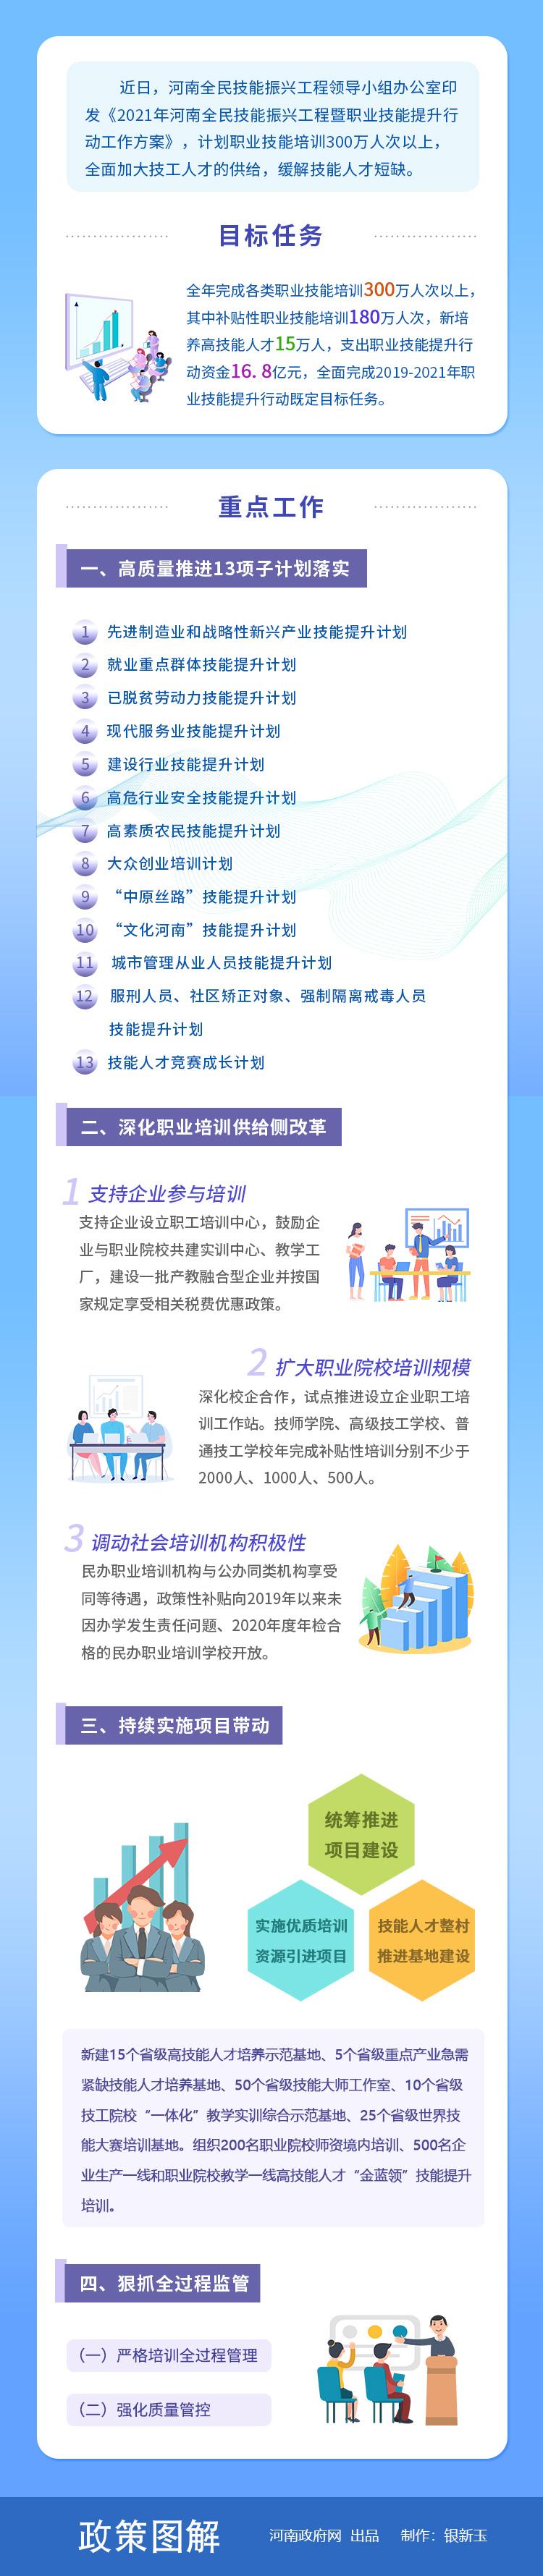 图解:河南省全民技能振兴工程工作方案出炉